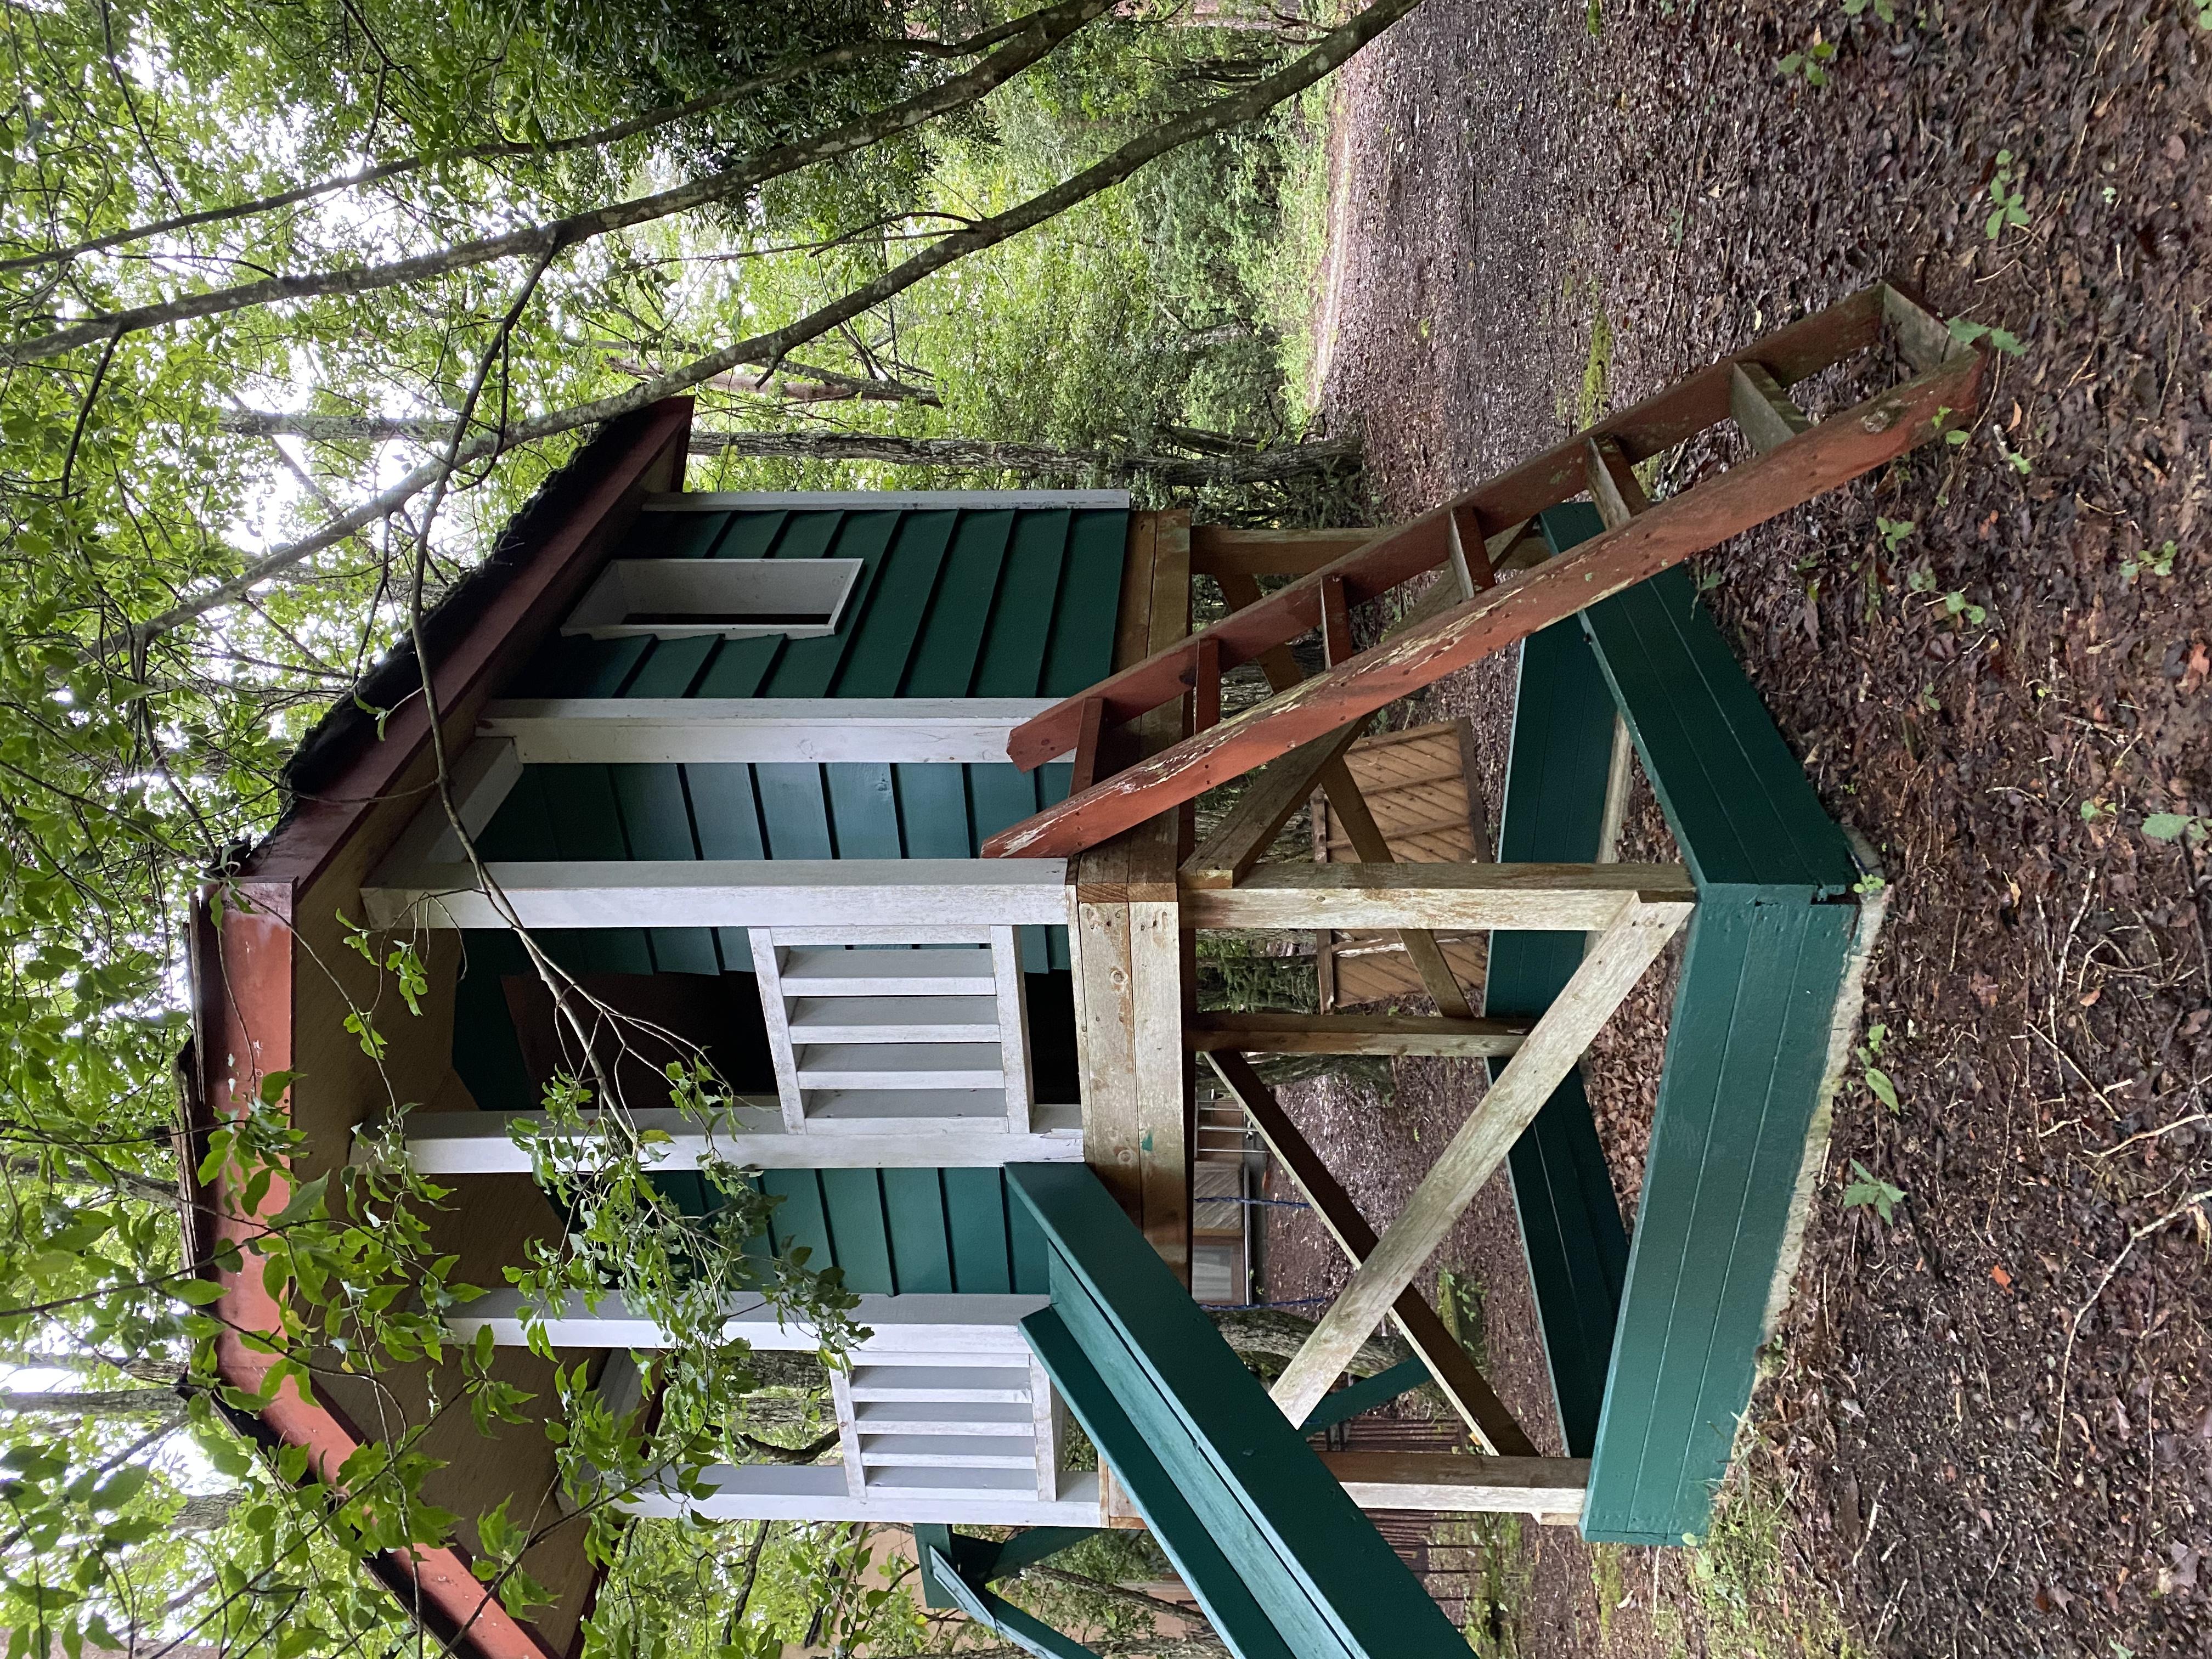 ご希望があれば遊び小屋に二人乗りブランコを設置できます。